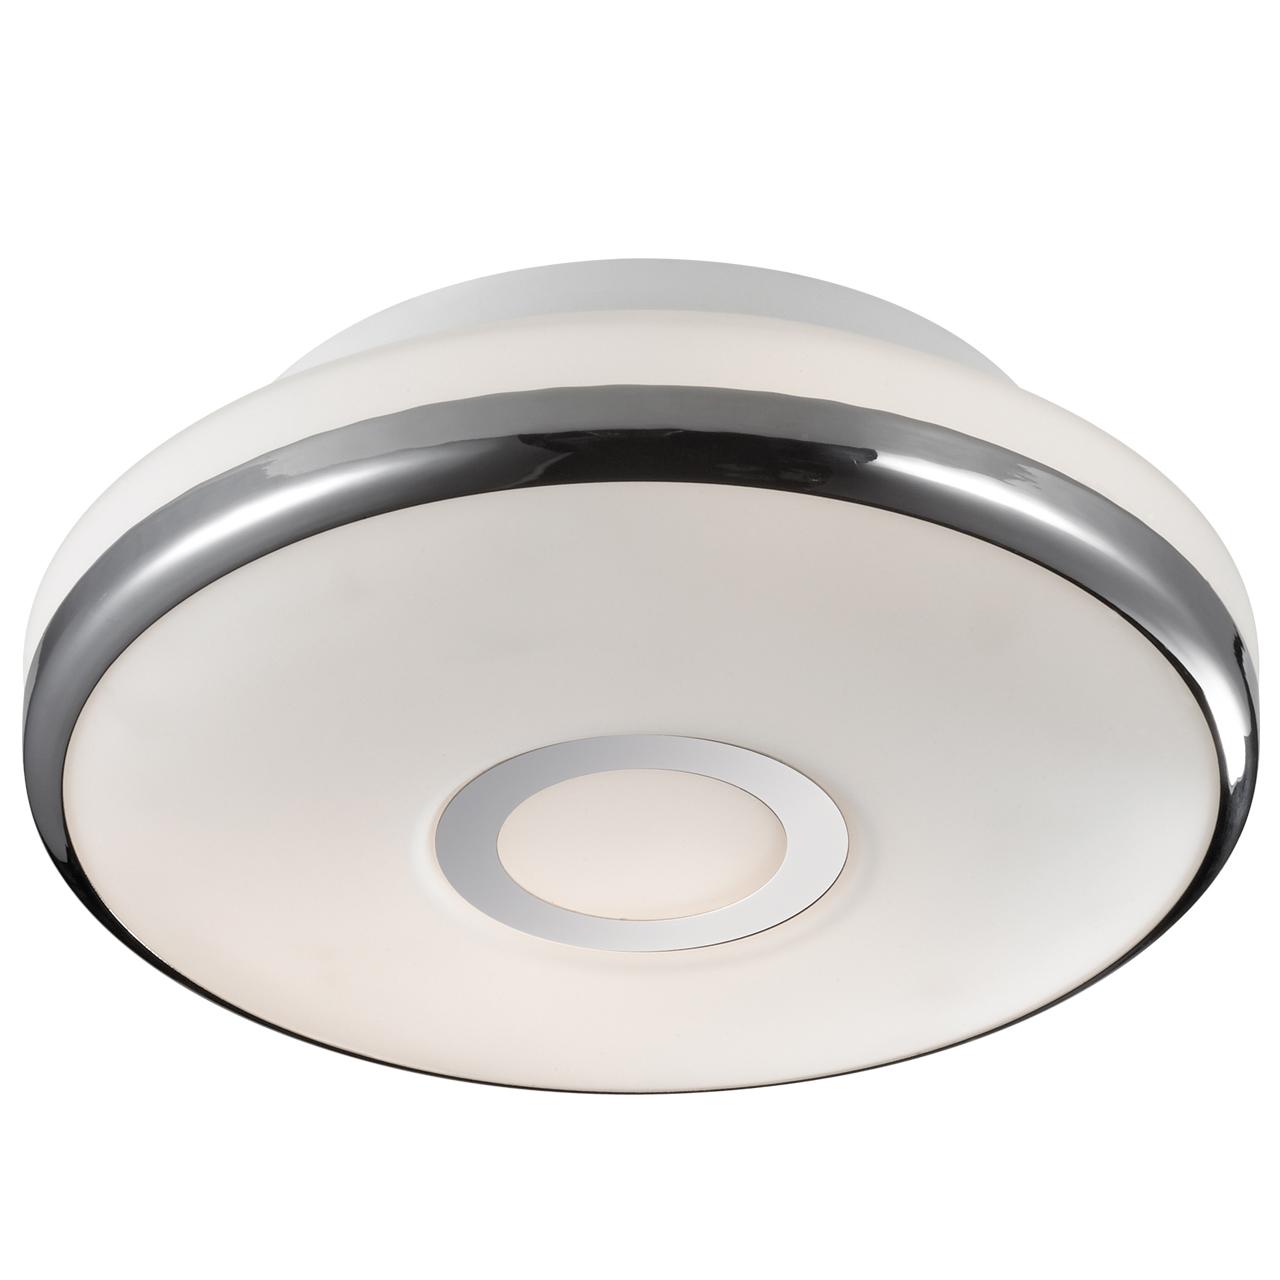 цена на Светильник настенно-потолочный Odeon light 2401/1c